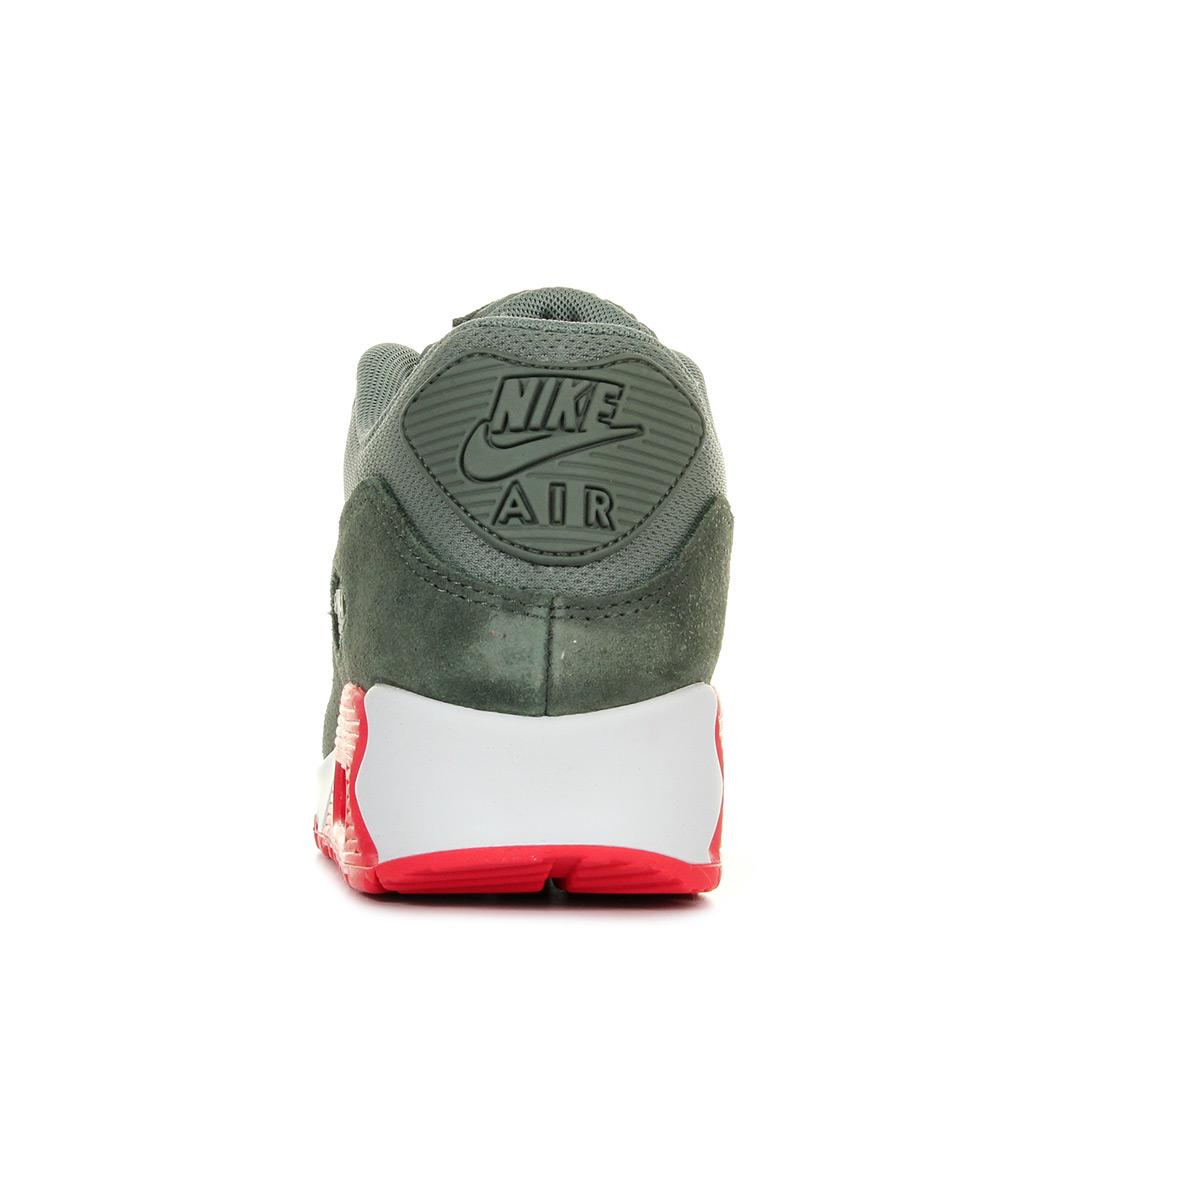 Nike Air Max 90 Mesh 325213044, Baskets mode femme